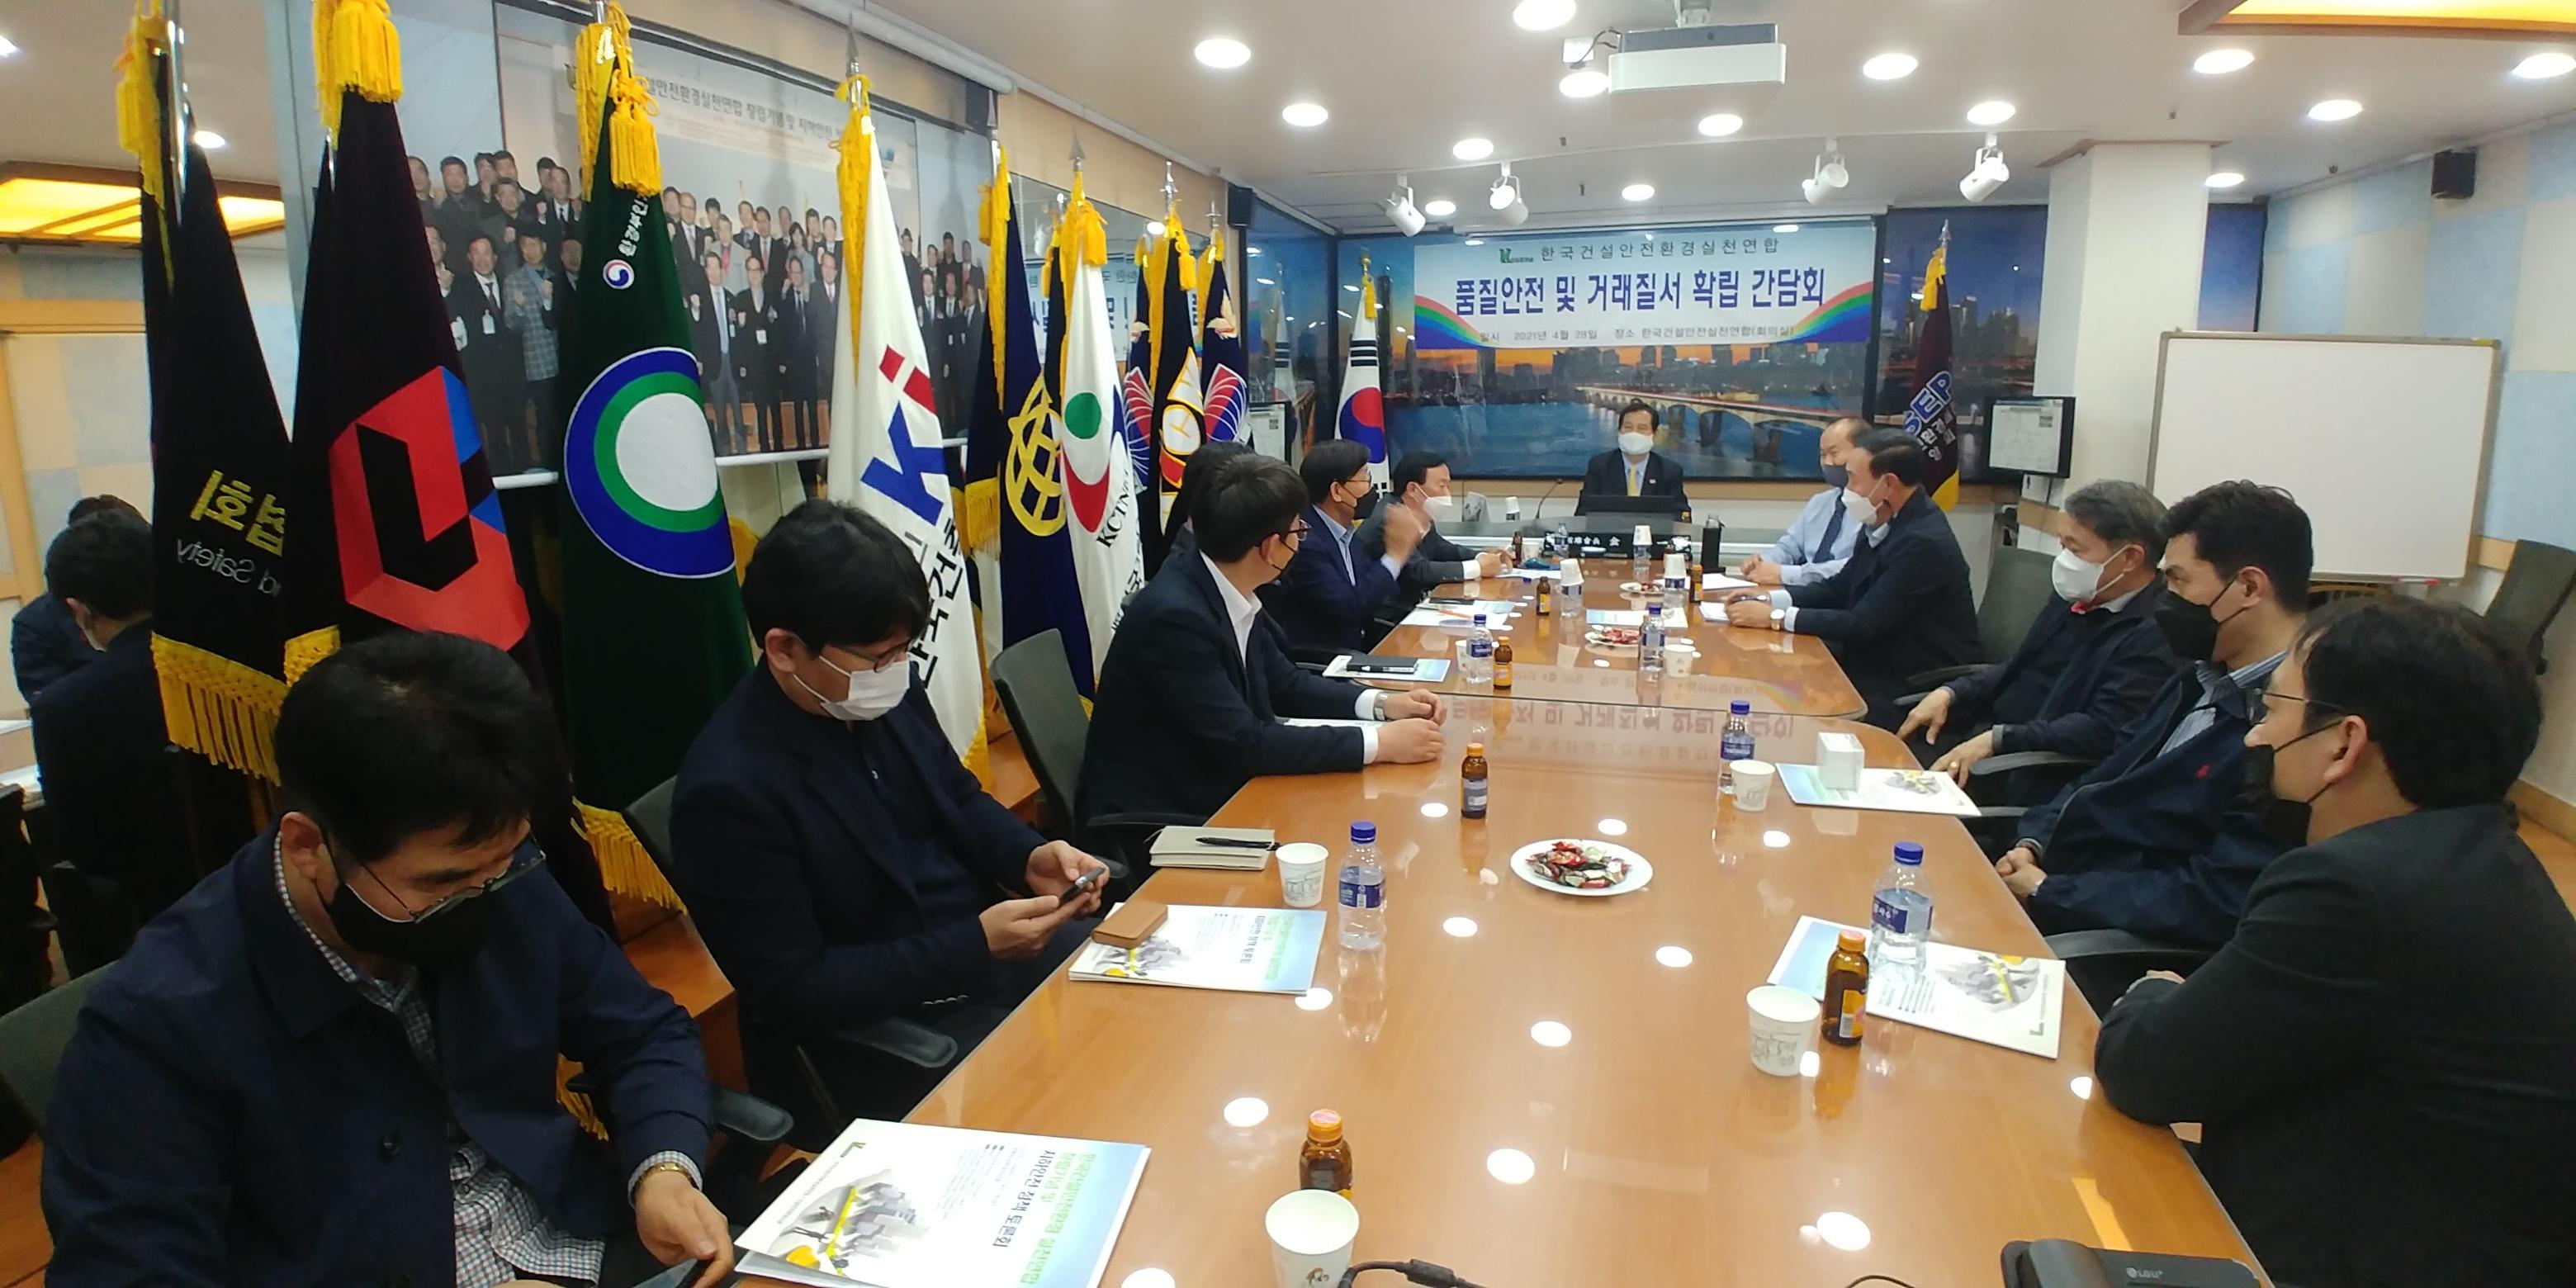 '건실련' 방수공사 품질안전 및 거래질서 확립 토론회 개최